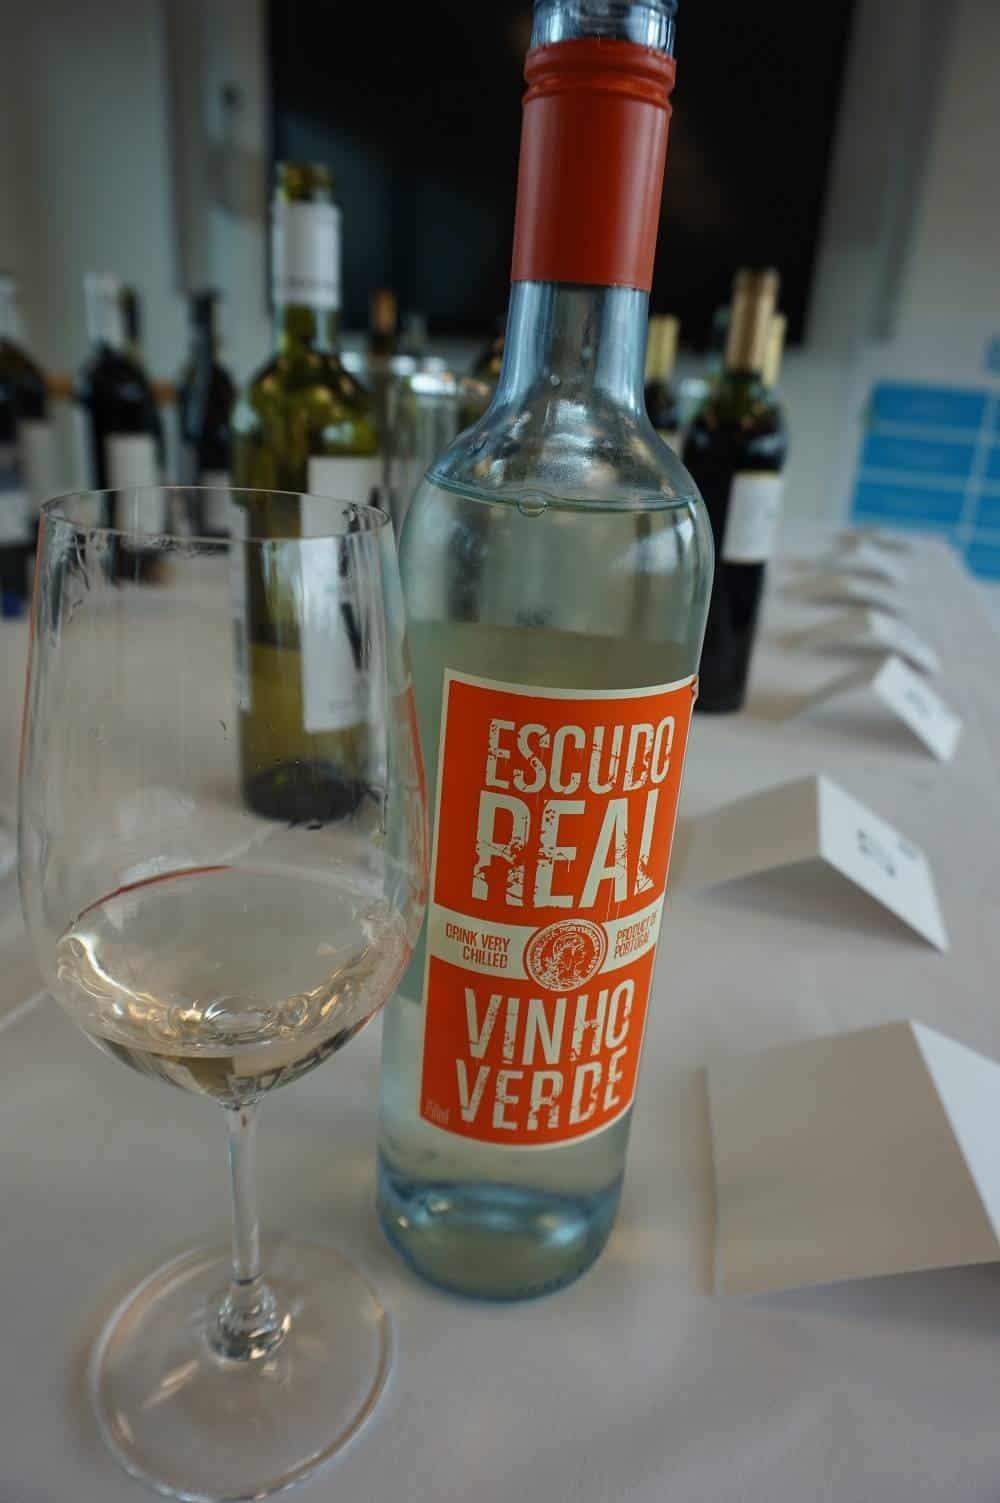 Vinho Verde wine from Portugal